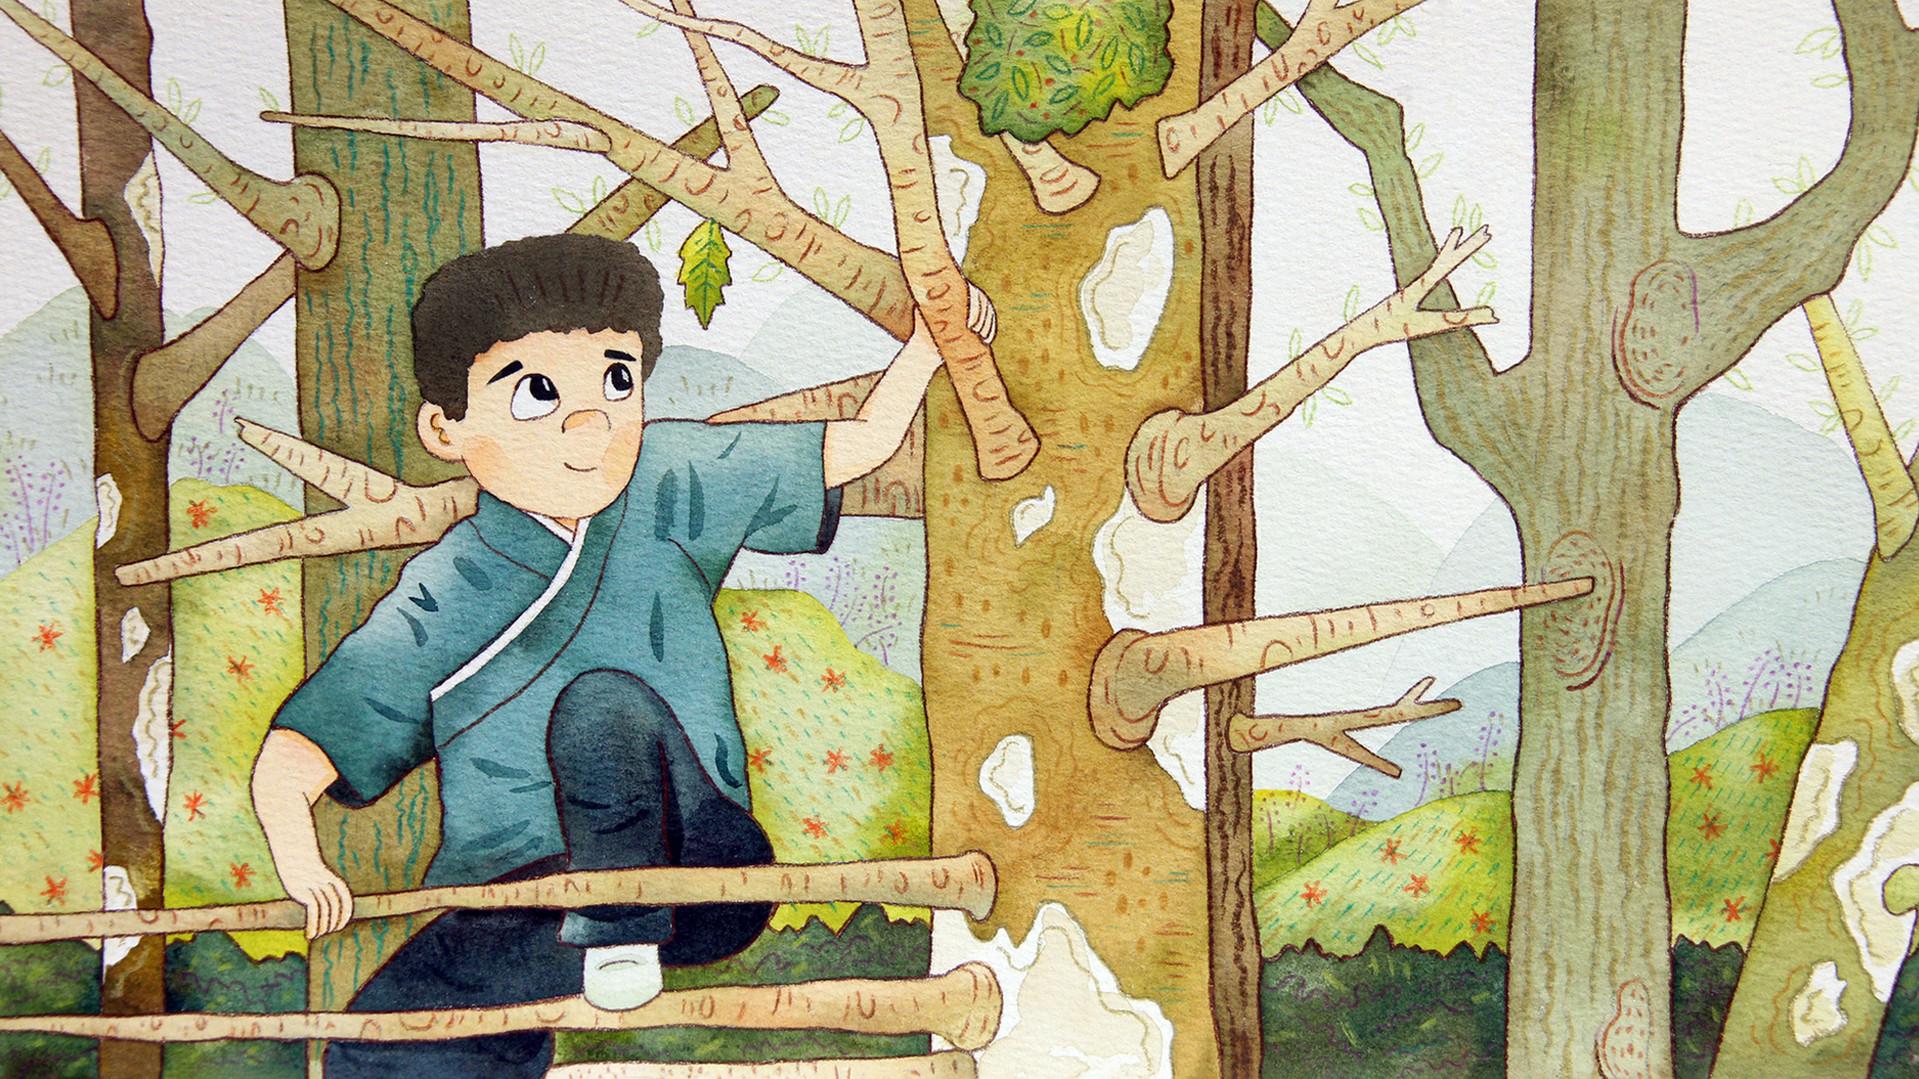 wu_gang_and_the_tree_06.jpg